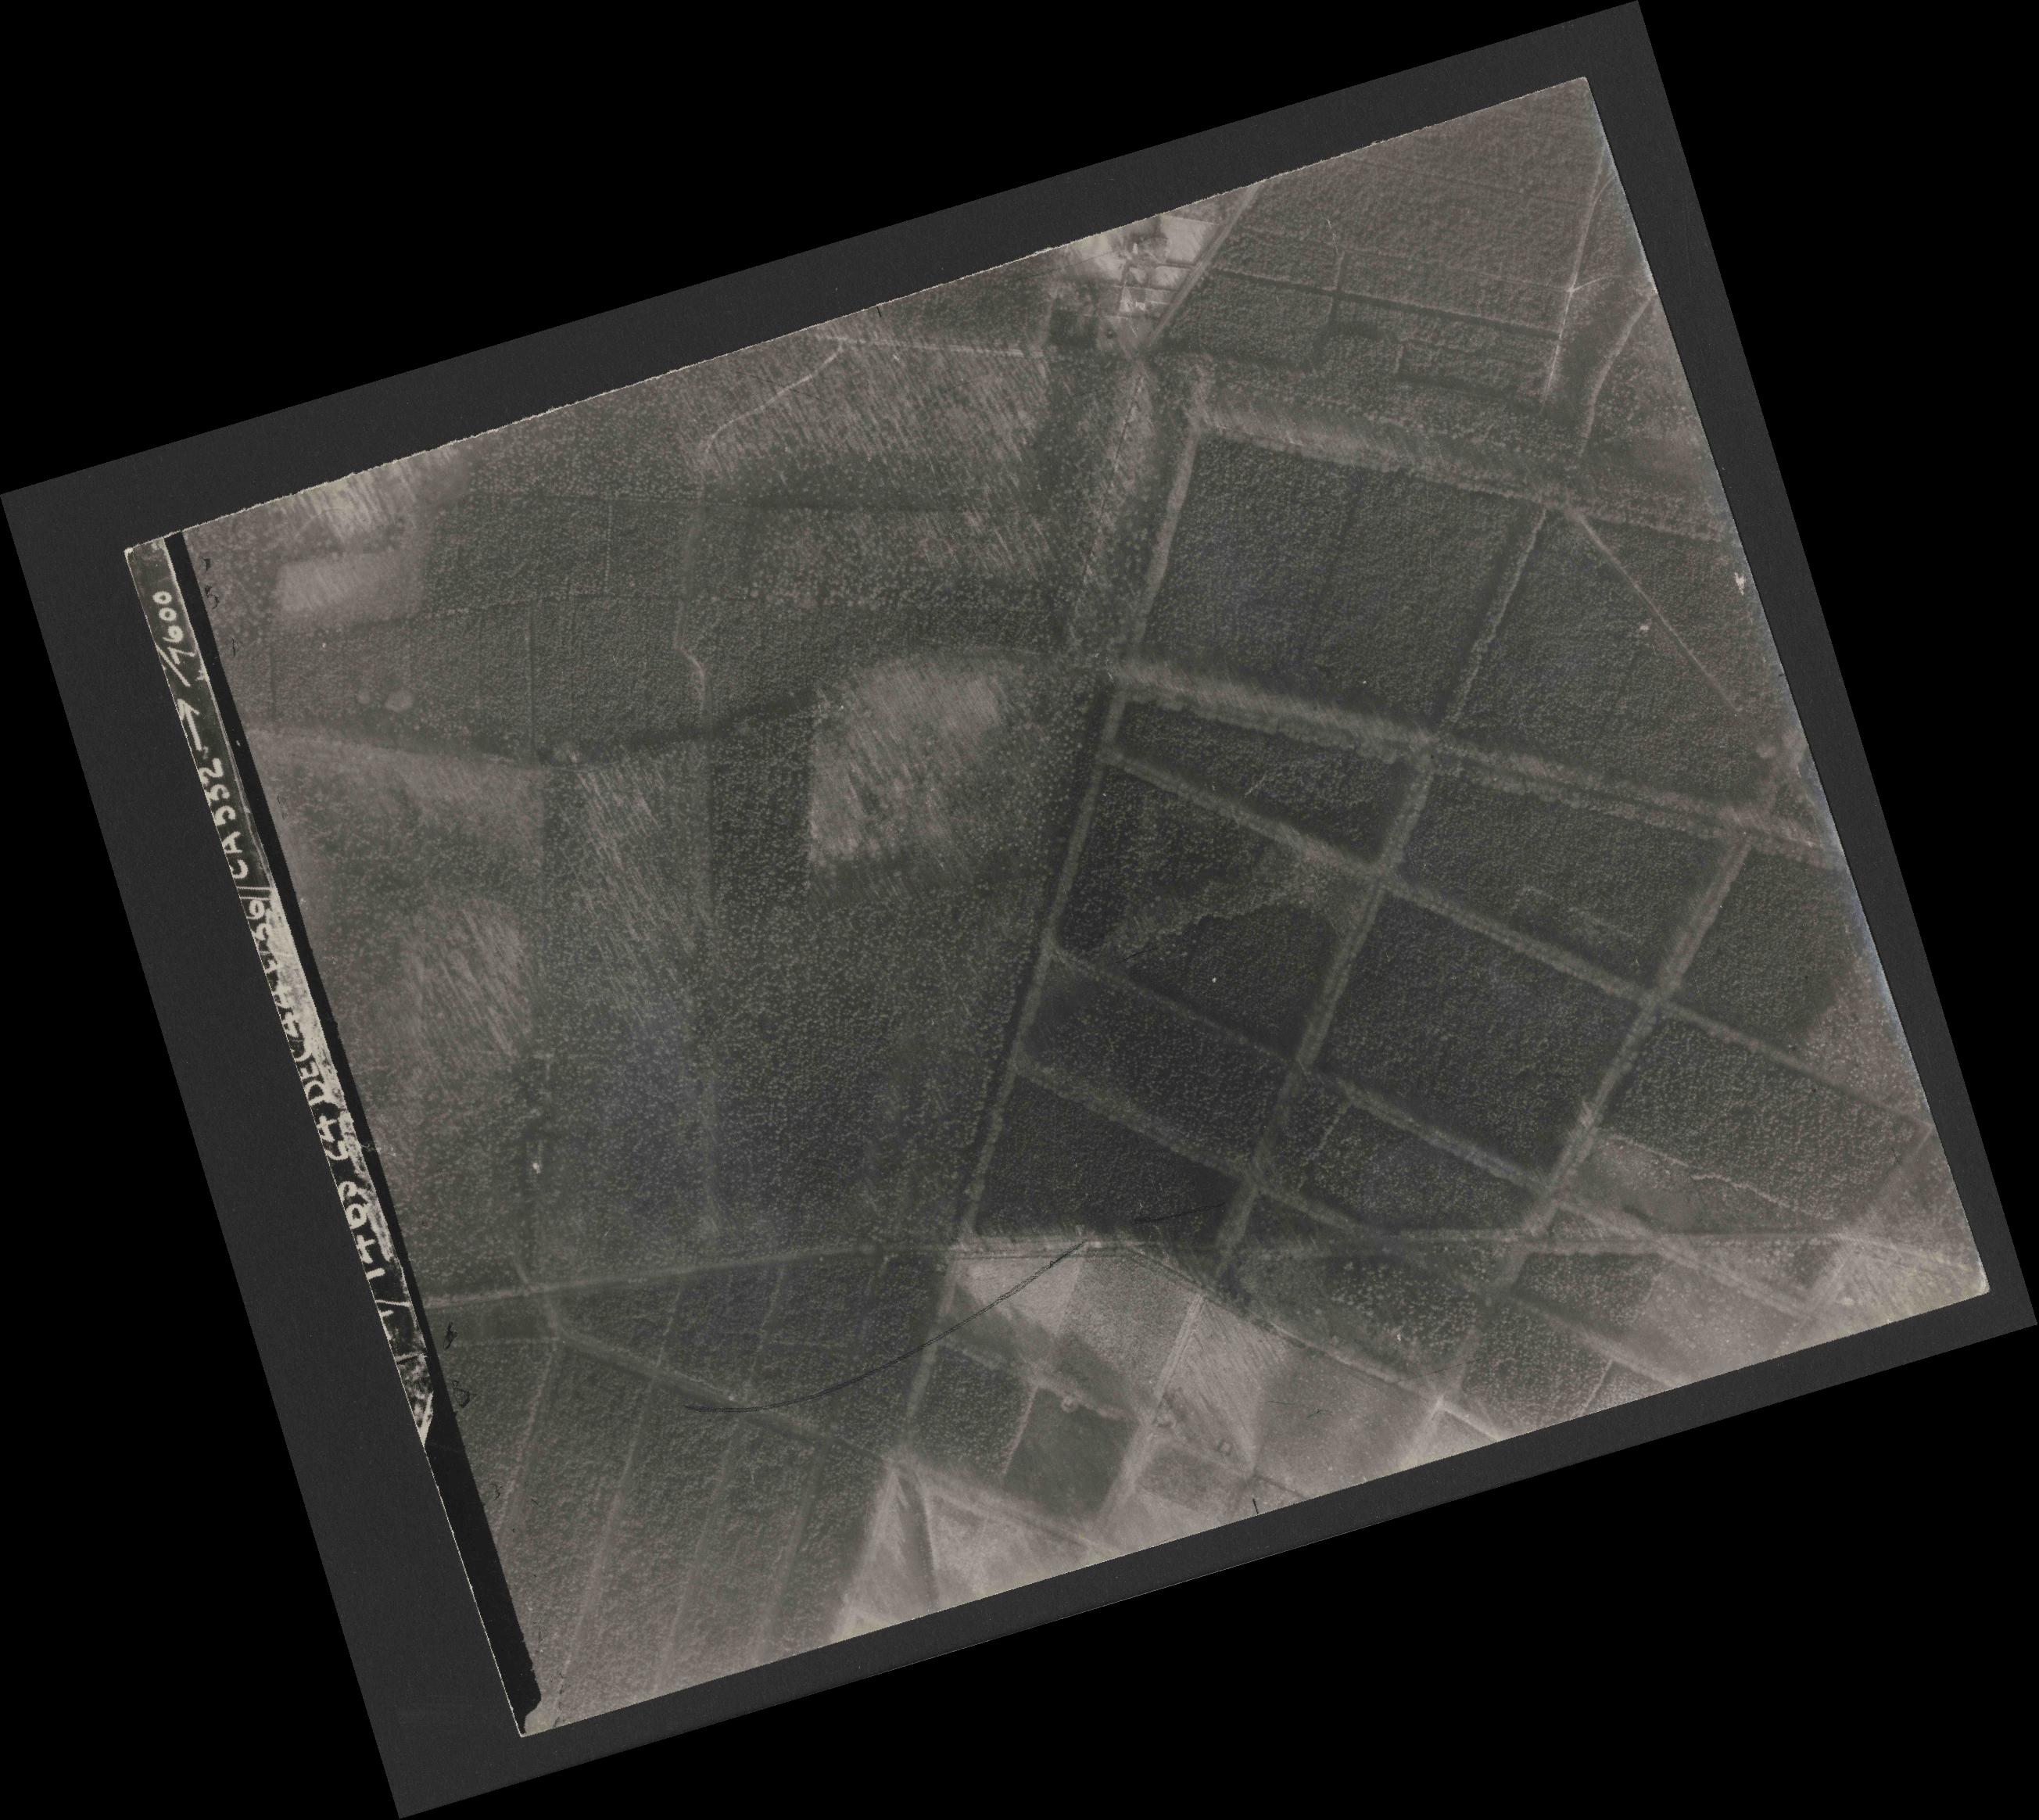 Collection RAF aerial photos 1940-1945 - flight 304, run 01, photo 3131